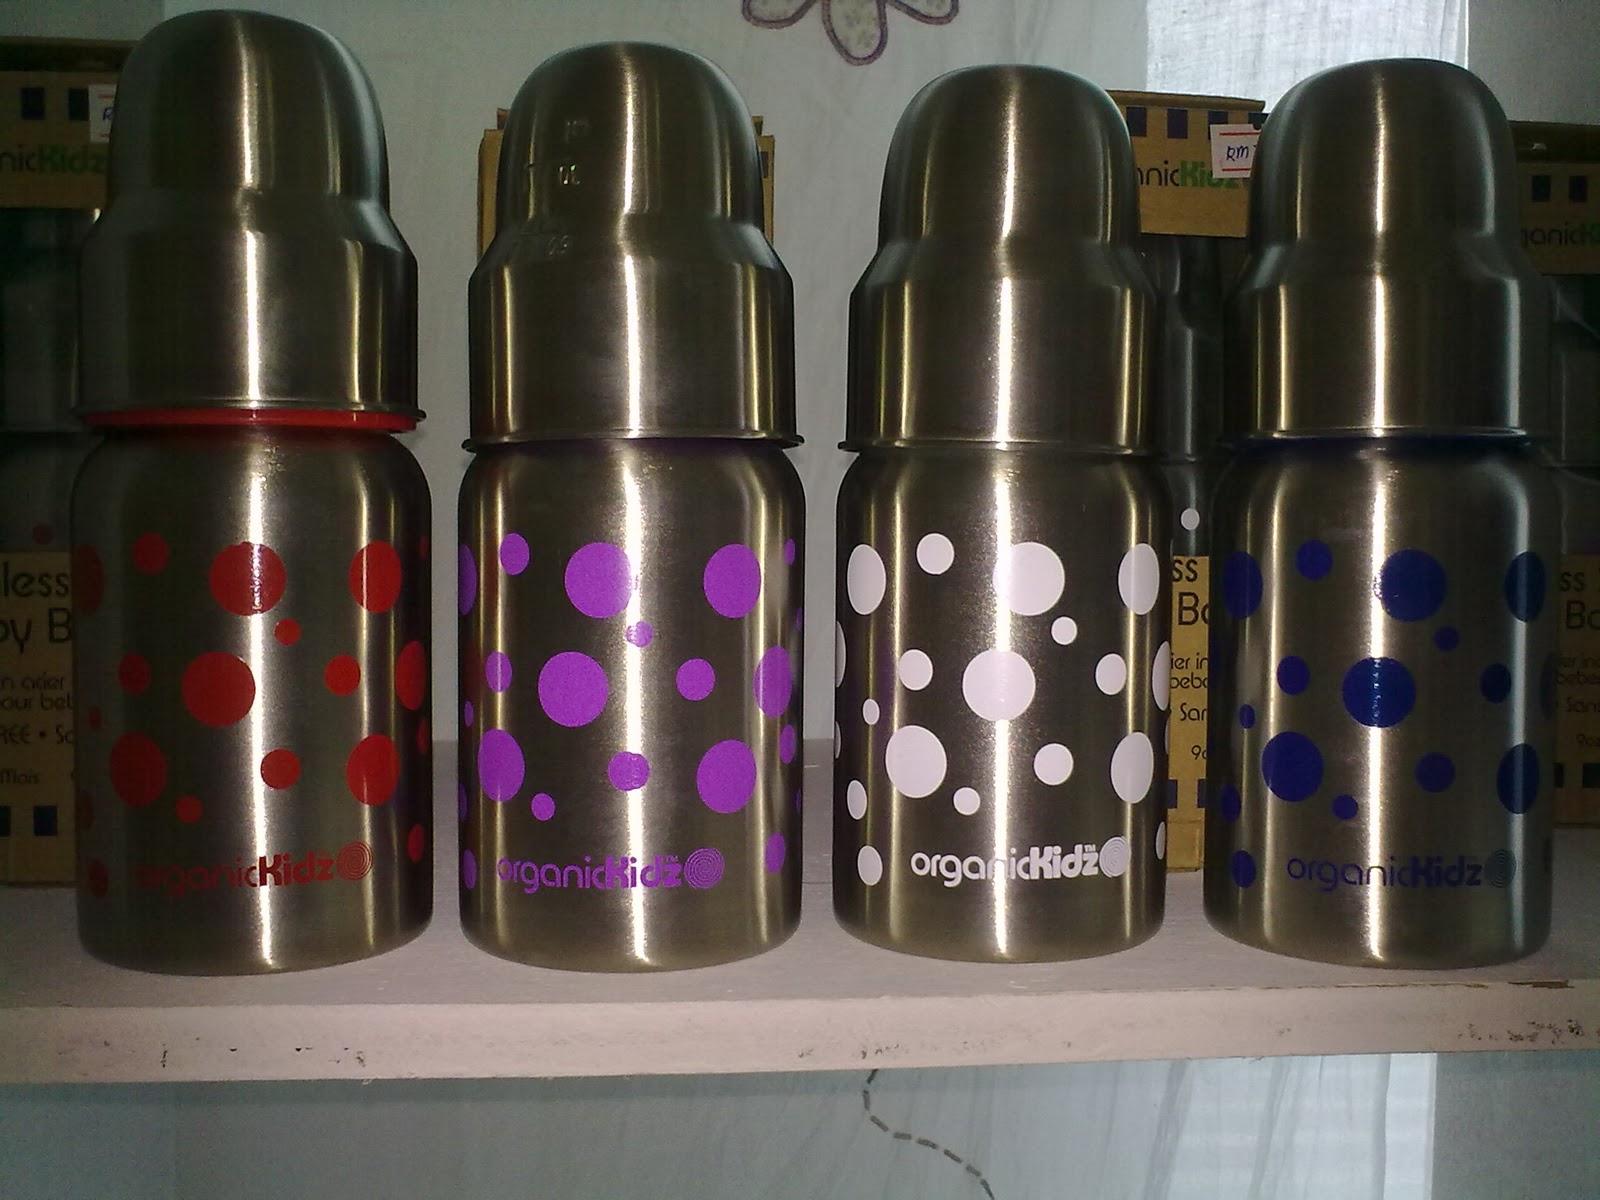 Ziraffe Amp Co Organickidz Stainless Steel Feeding Bottles